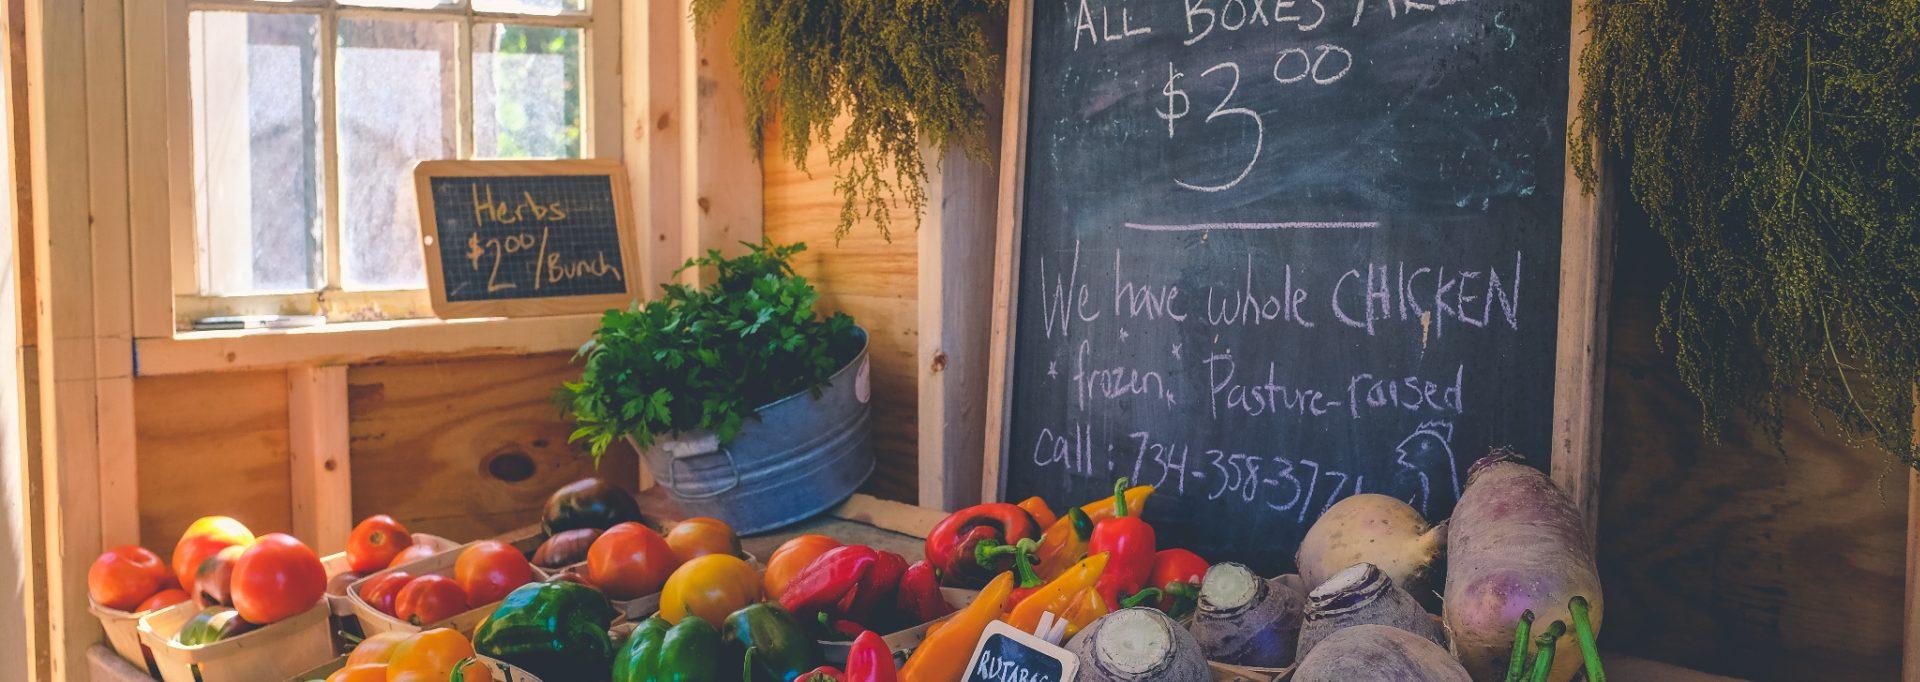 Tips For Storing Fresh Produce